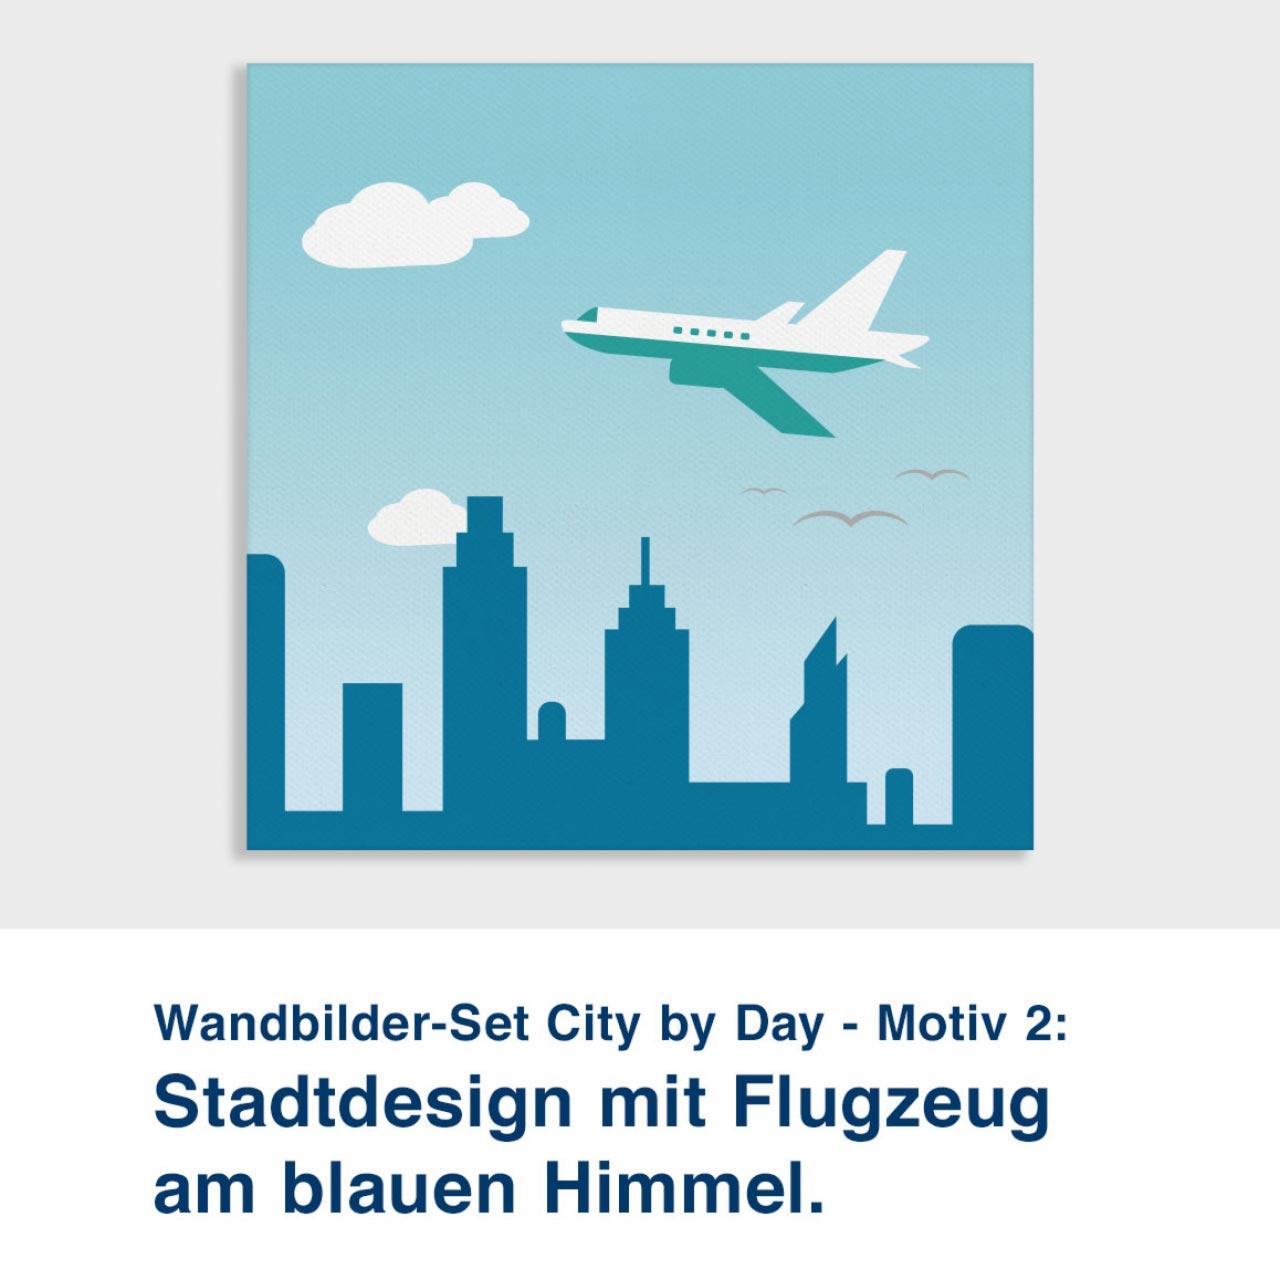 Wandbilder-Set City by Day - Motiv 2:  Stadtdesign mit Flugzeug am blauen Himmel.